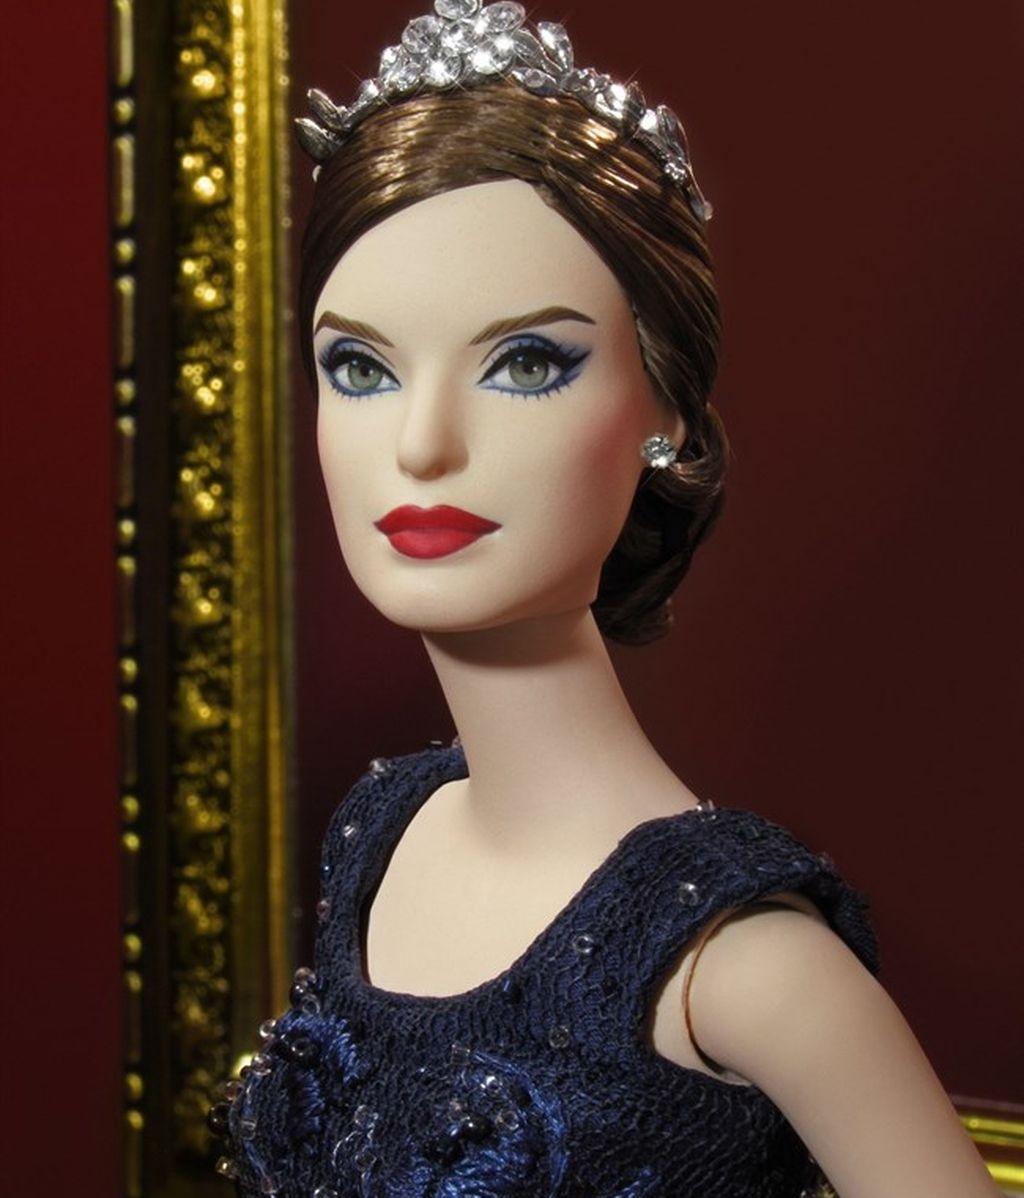 El beneficio de la venta de los muñecos, para la iniciativa solidaria 'Un juguete, una ilusión'